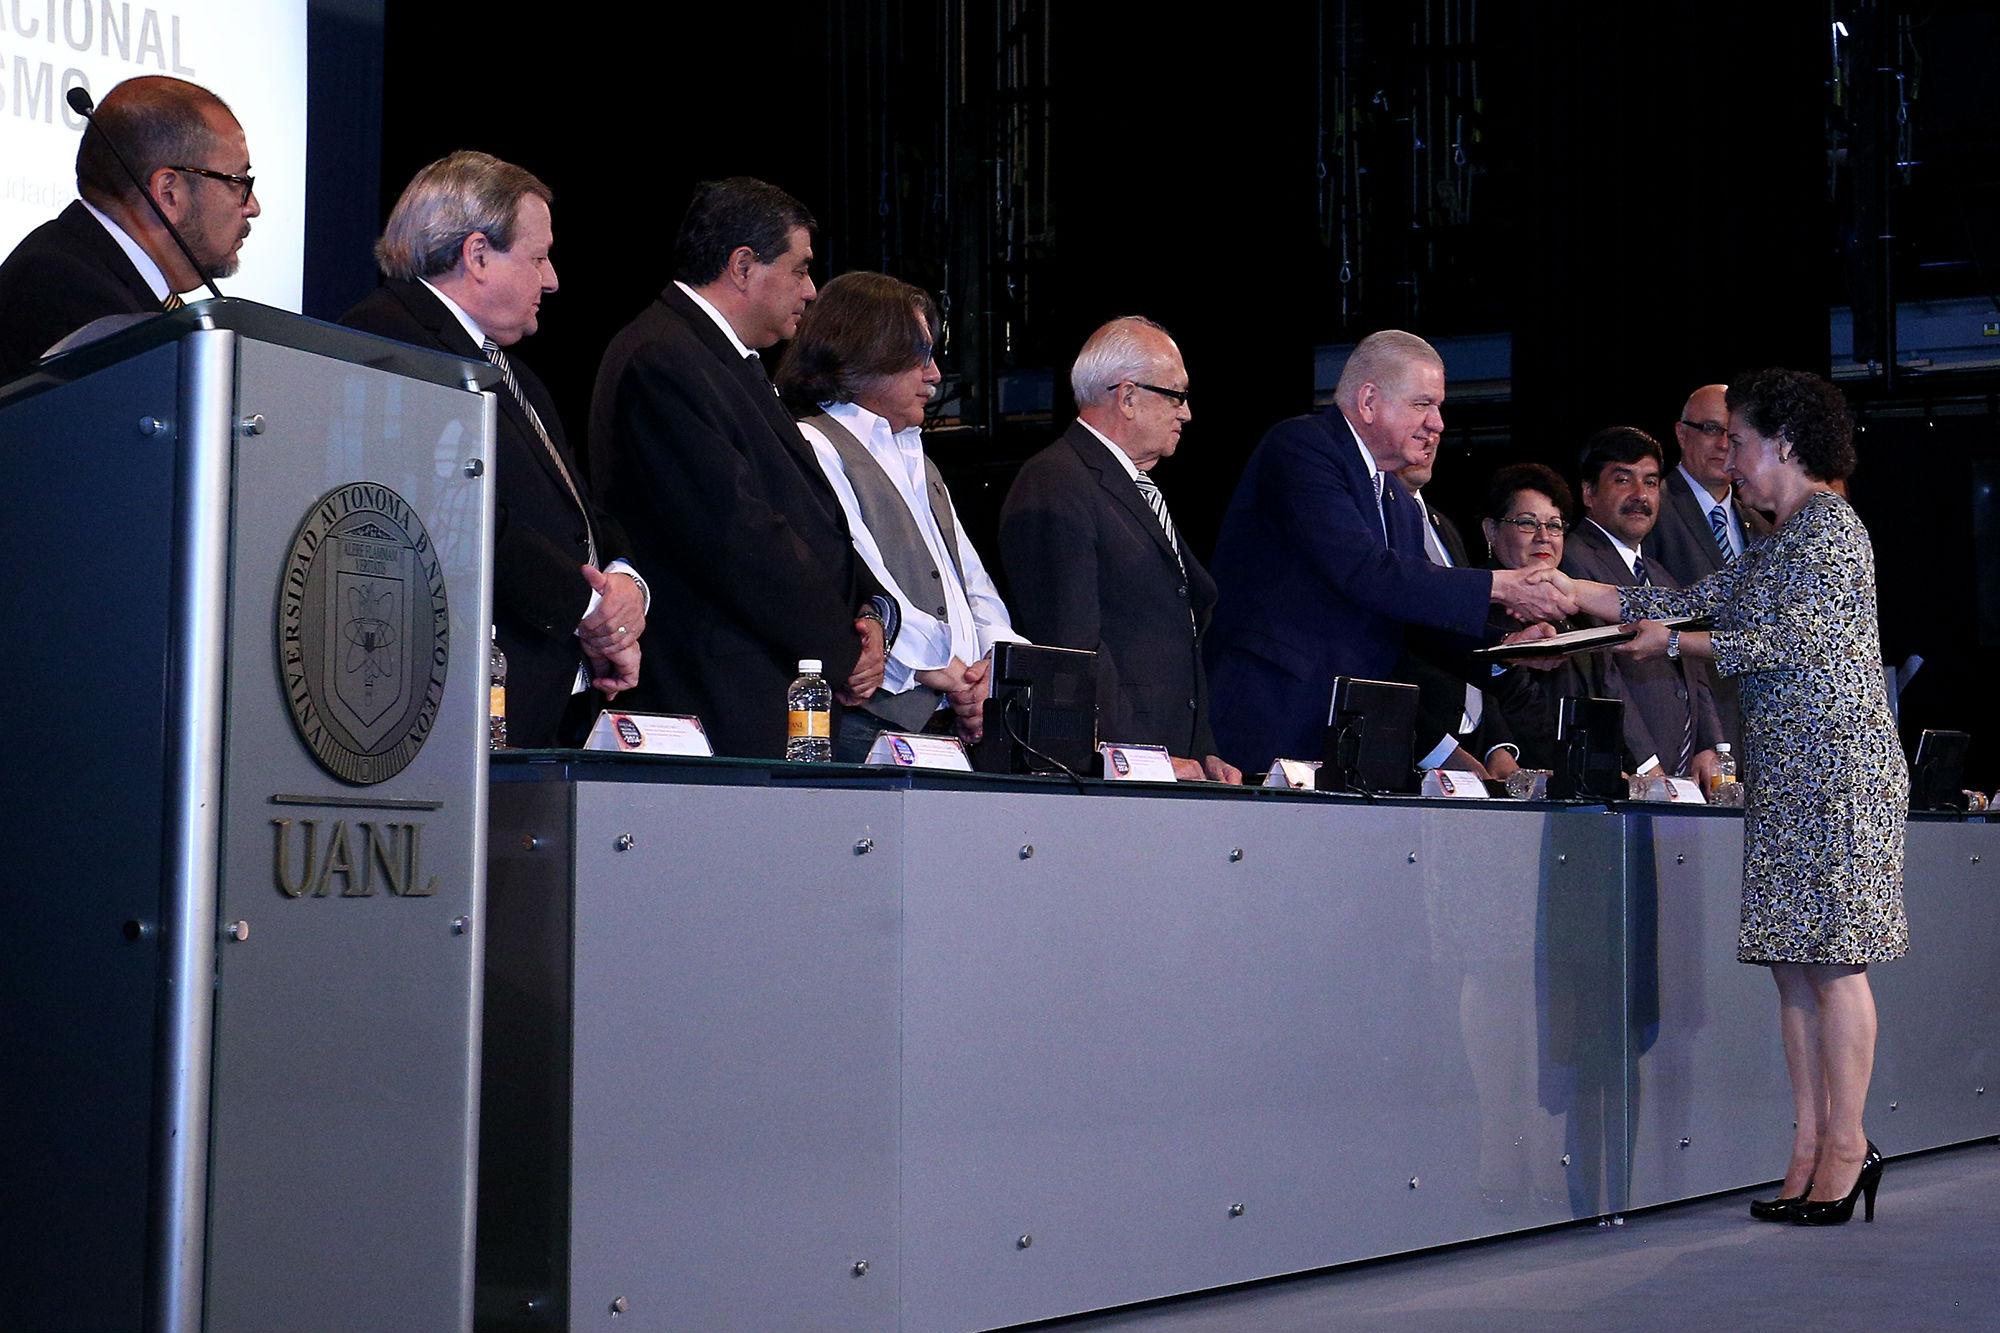 Se entregaron reconocimientos a los miembros del jurado